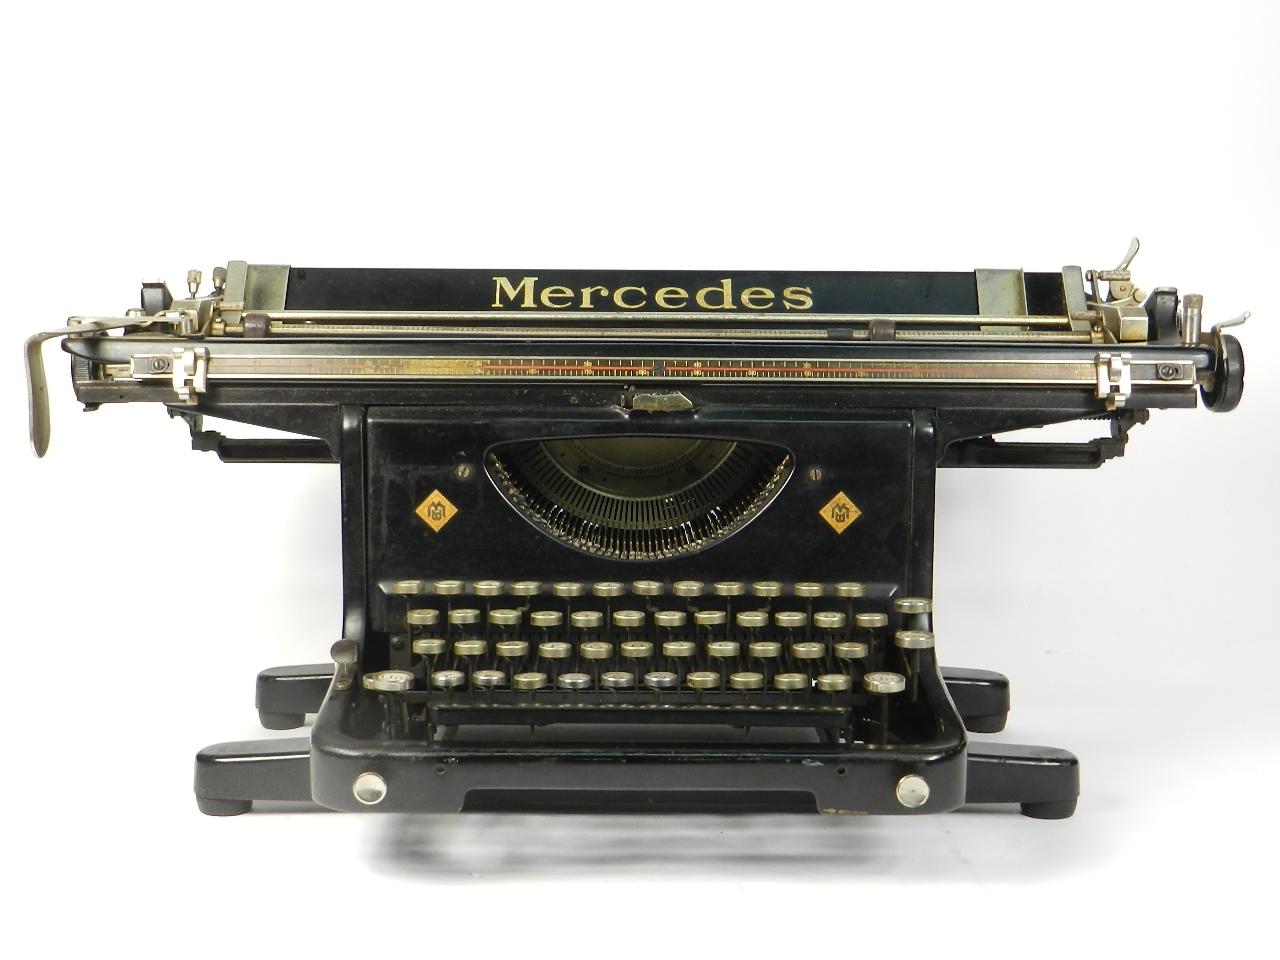 Imagen MERCEDES AÑO 1925 30953